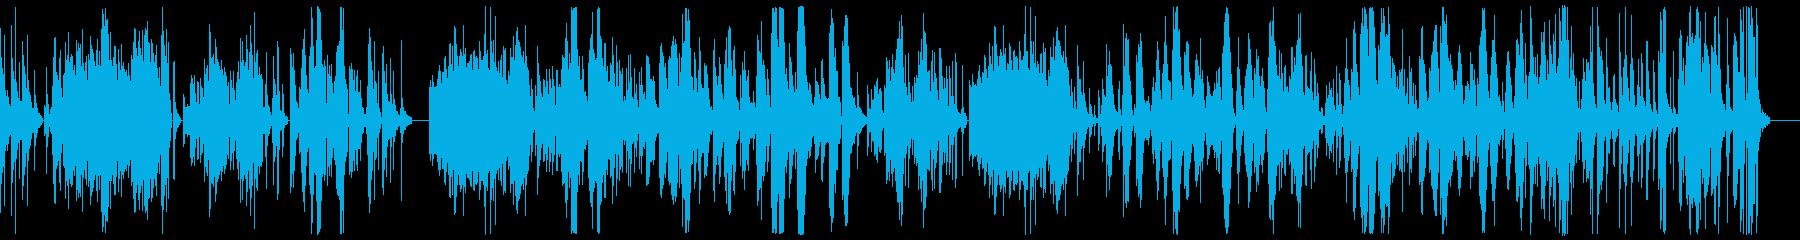 物悲しいピアノソロ曲の再生済みの波形